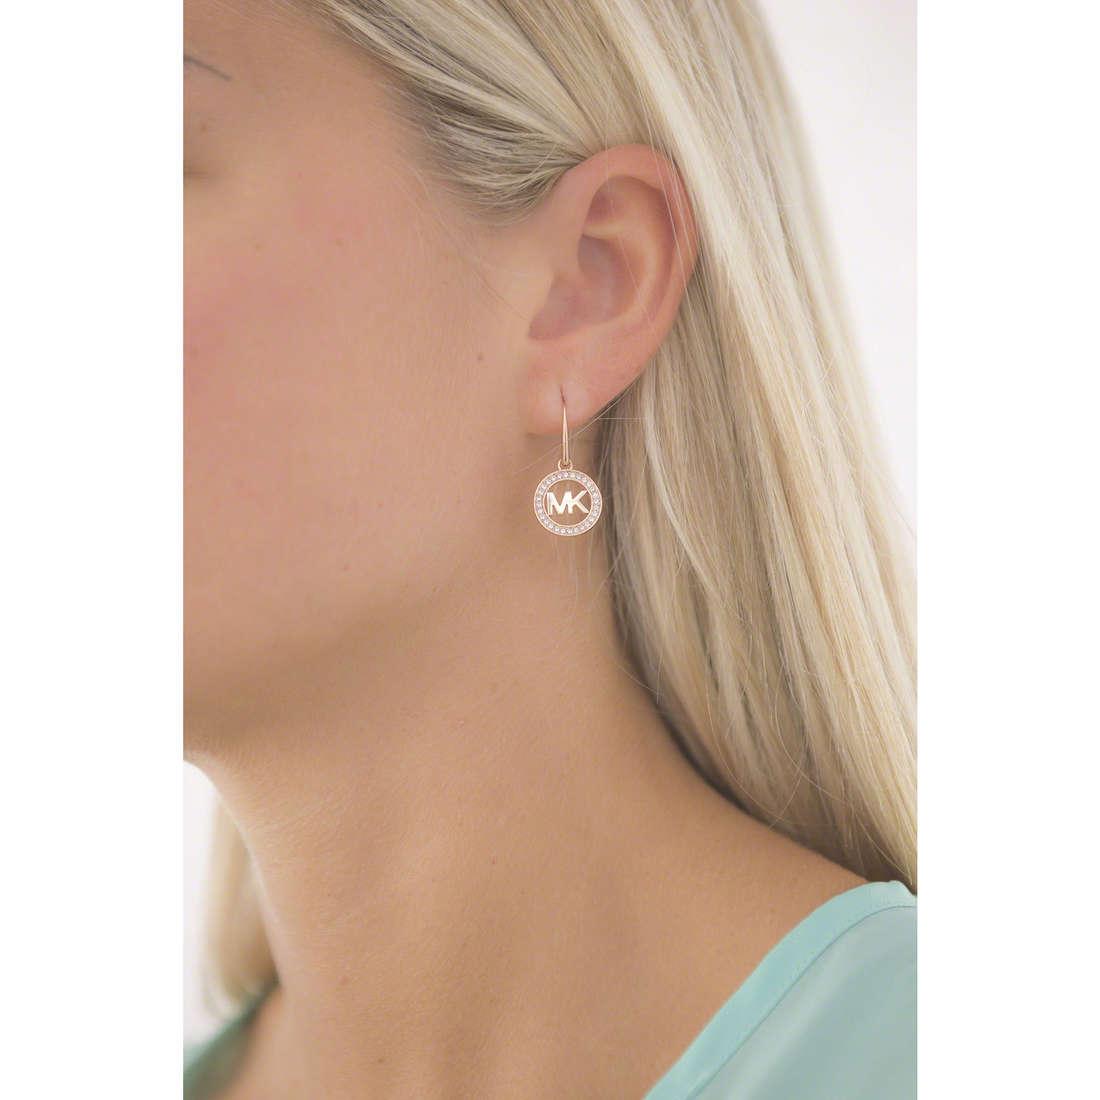 Michael Kors boucles d'oreille femme MKJ4796791 indosso